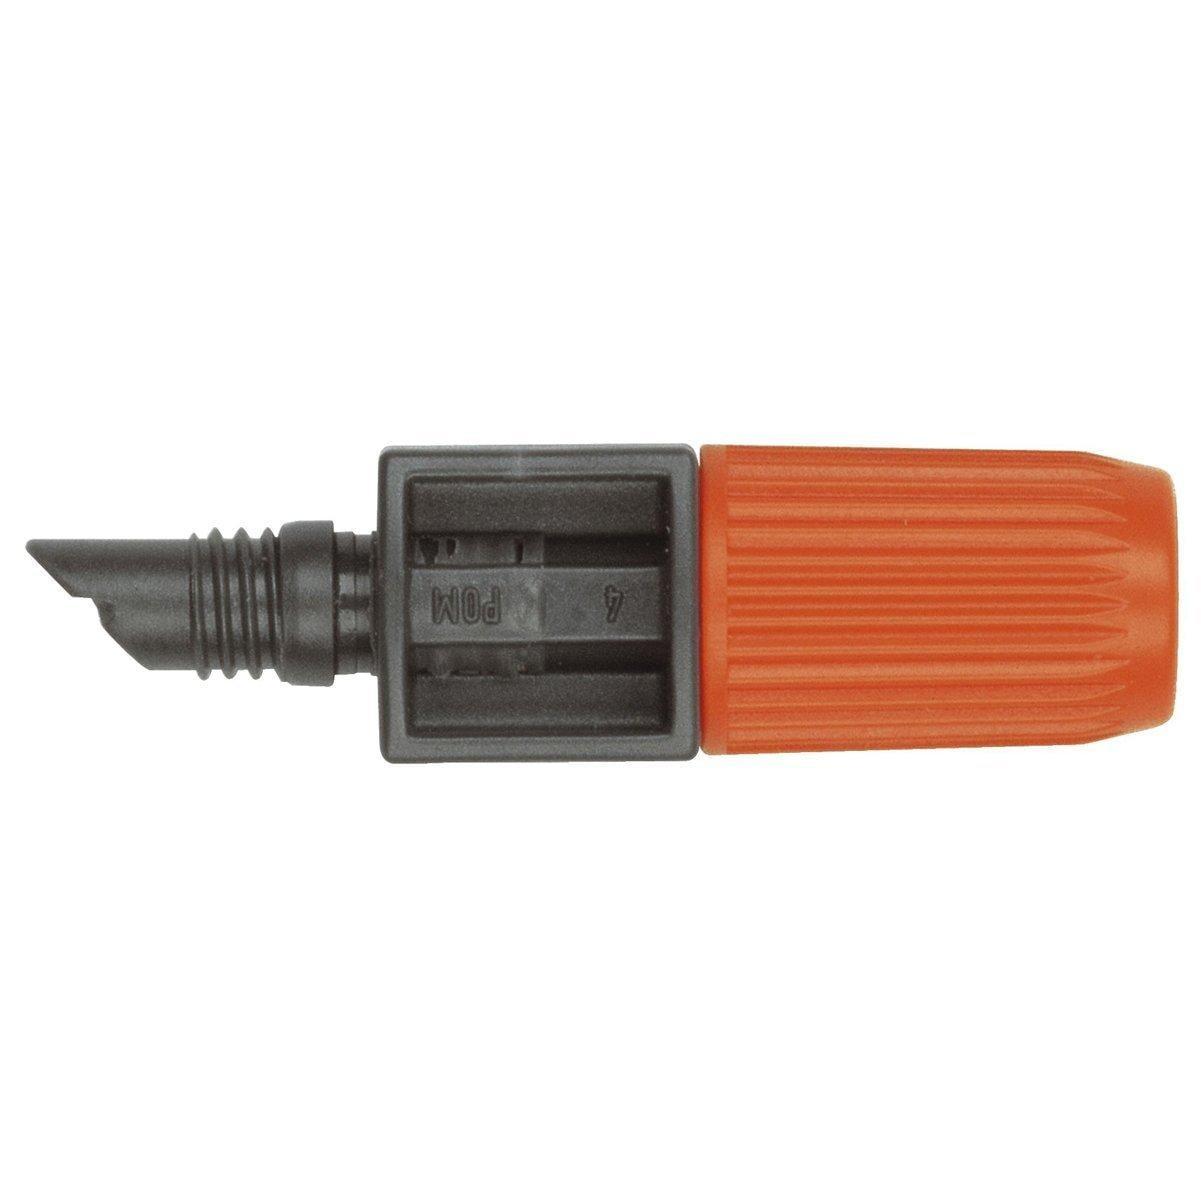 micro drip system endtropfer gardena 1391 20 regulierbar von gardena bei elektroshop wagner. Black Bedroom Furniture Sets. Home Design Ideas